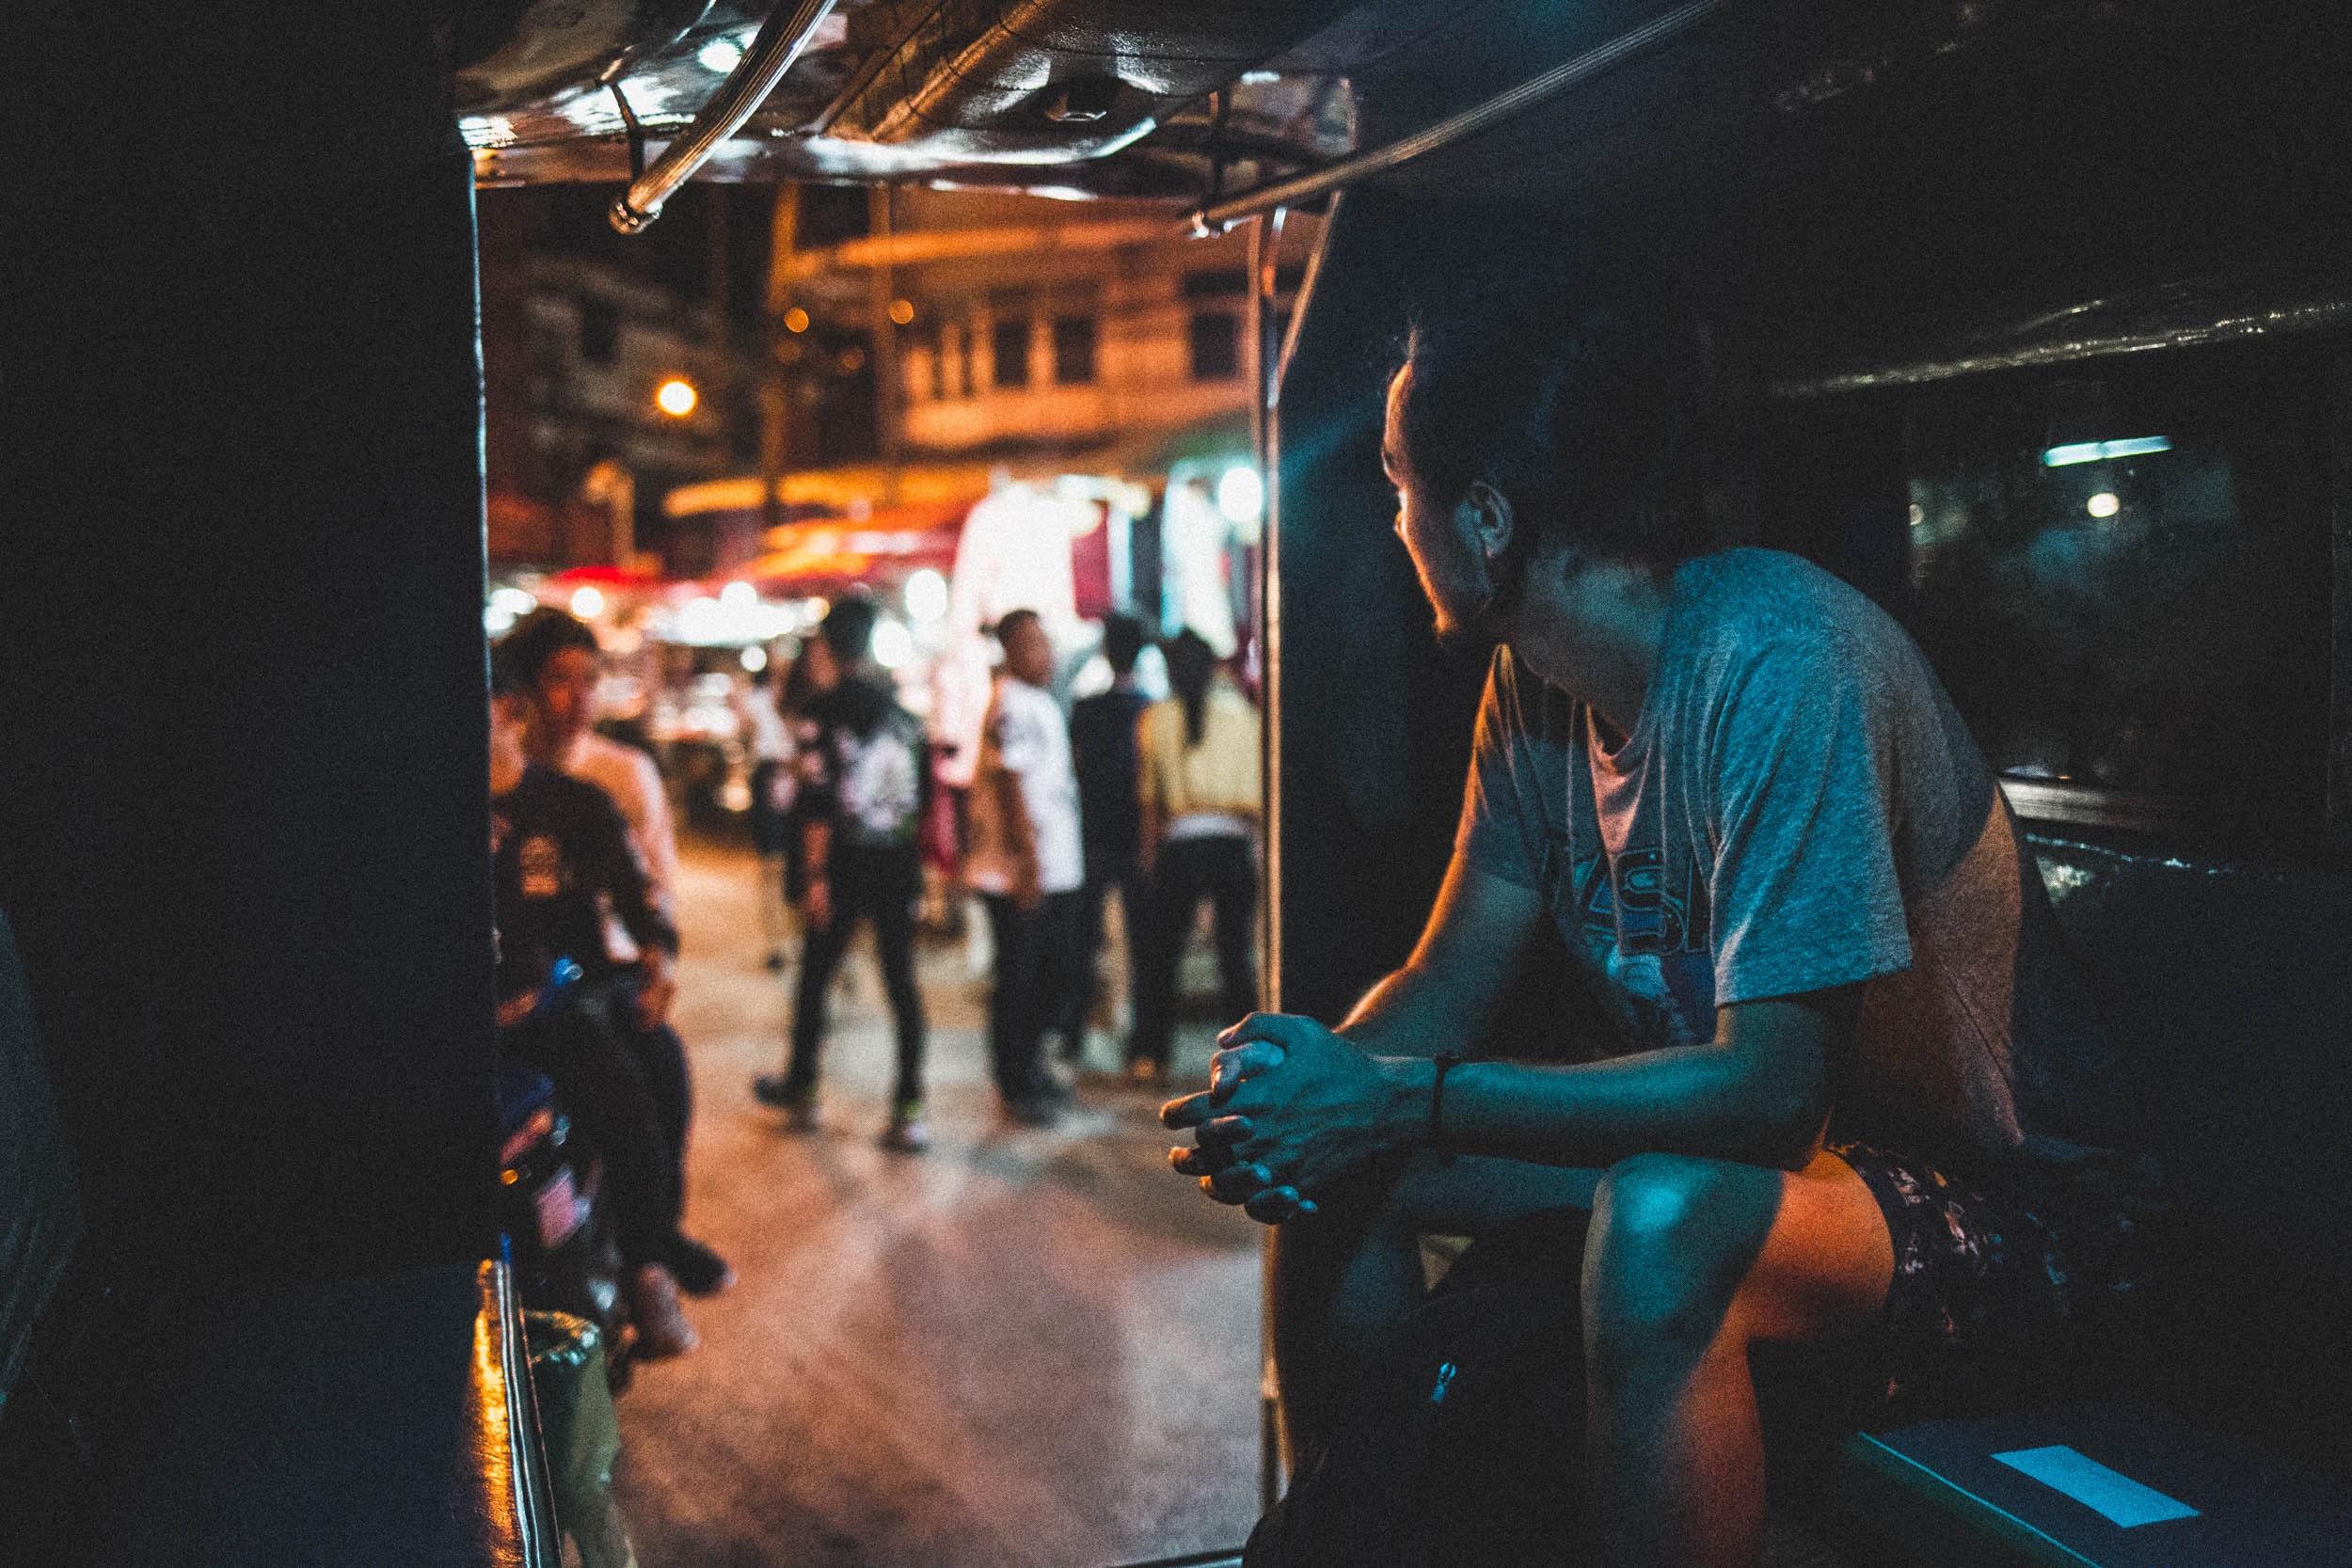 Os painéis de neon em Chiang Mai escondem algo